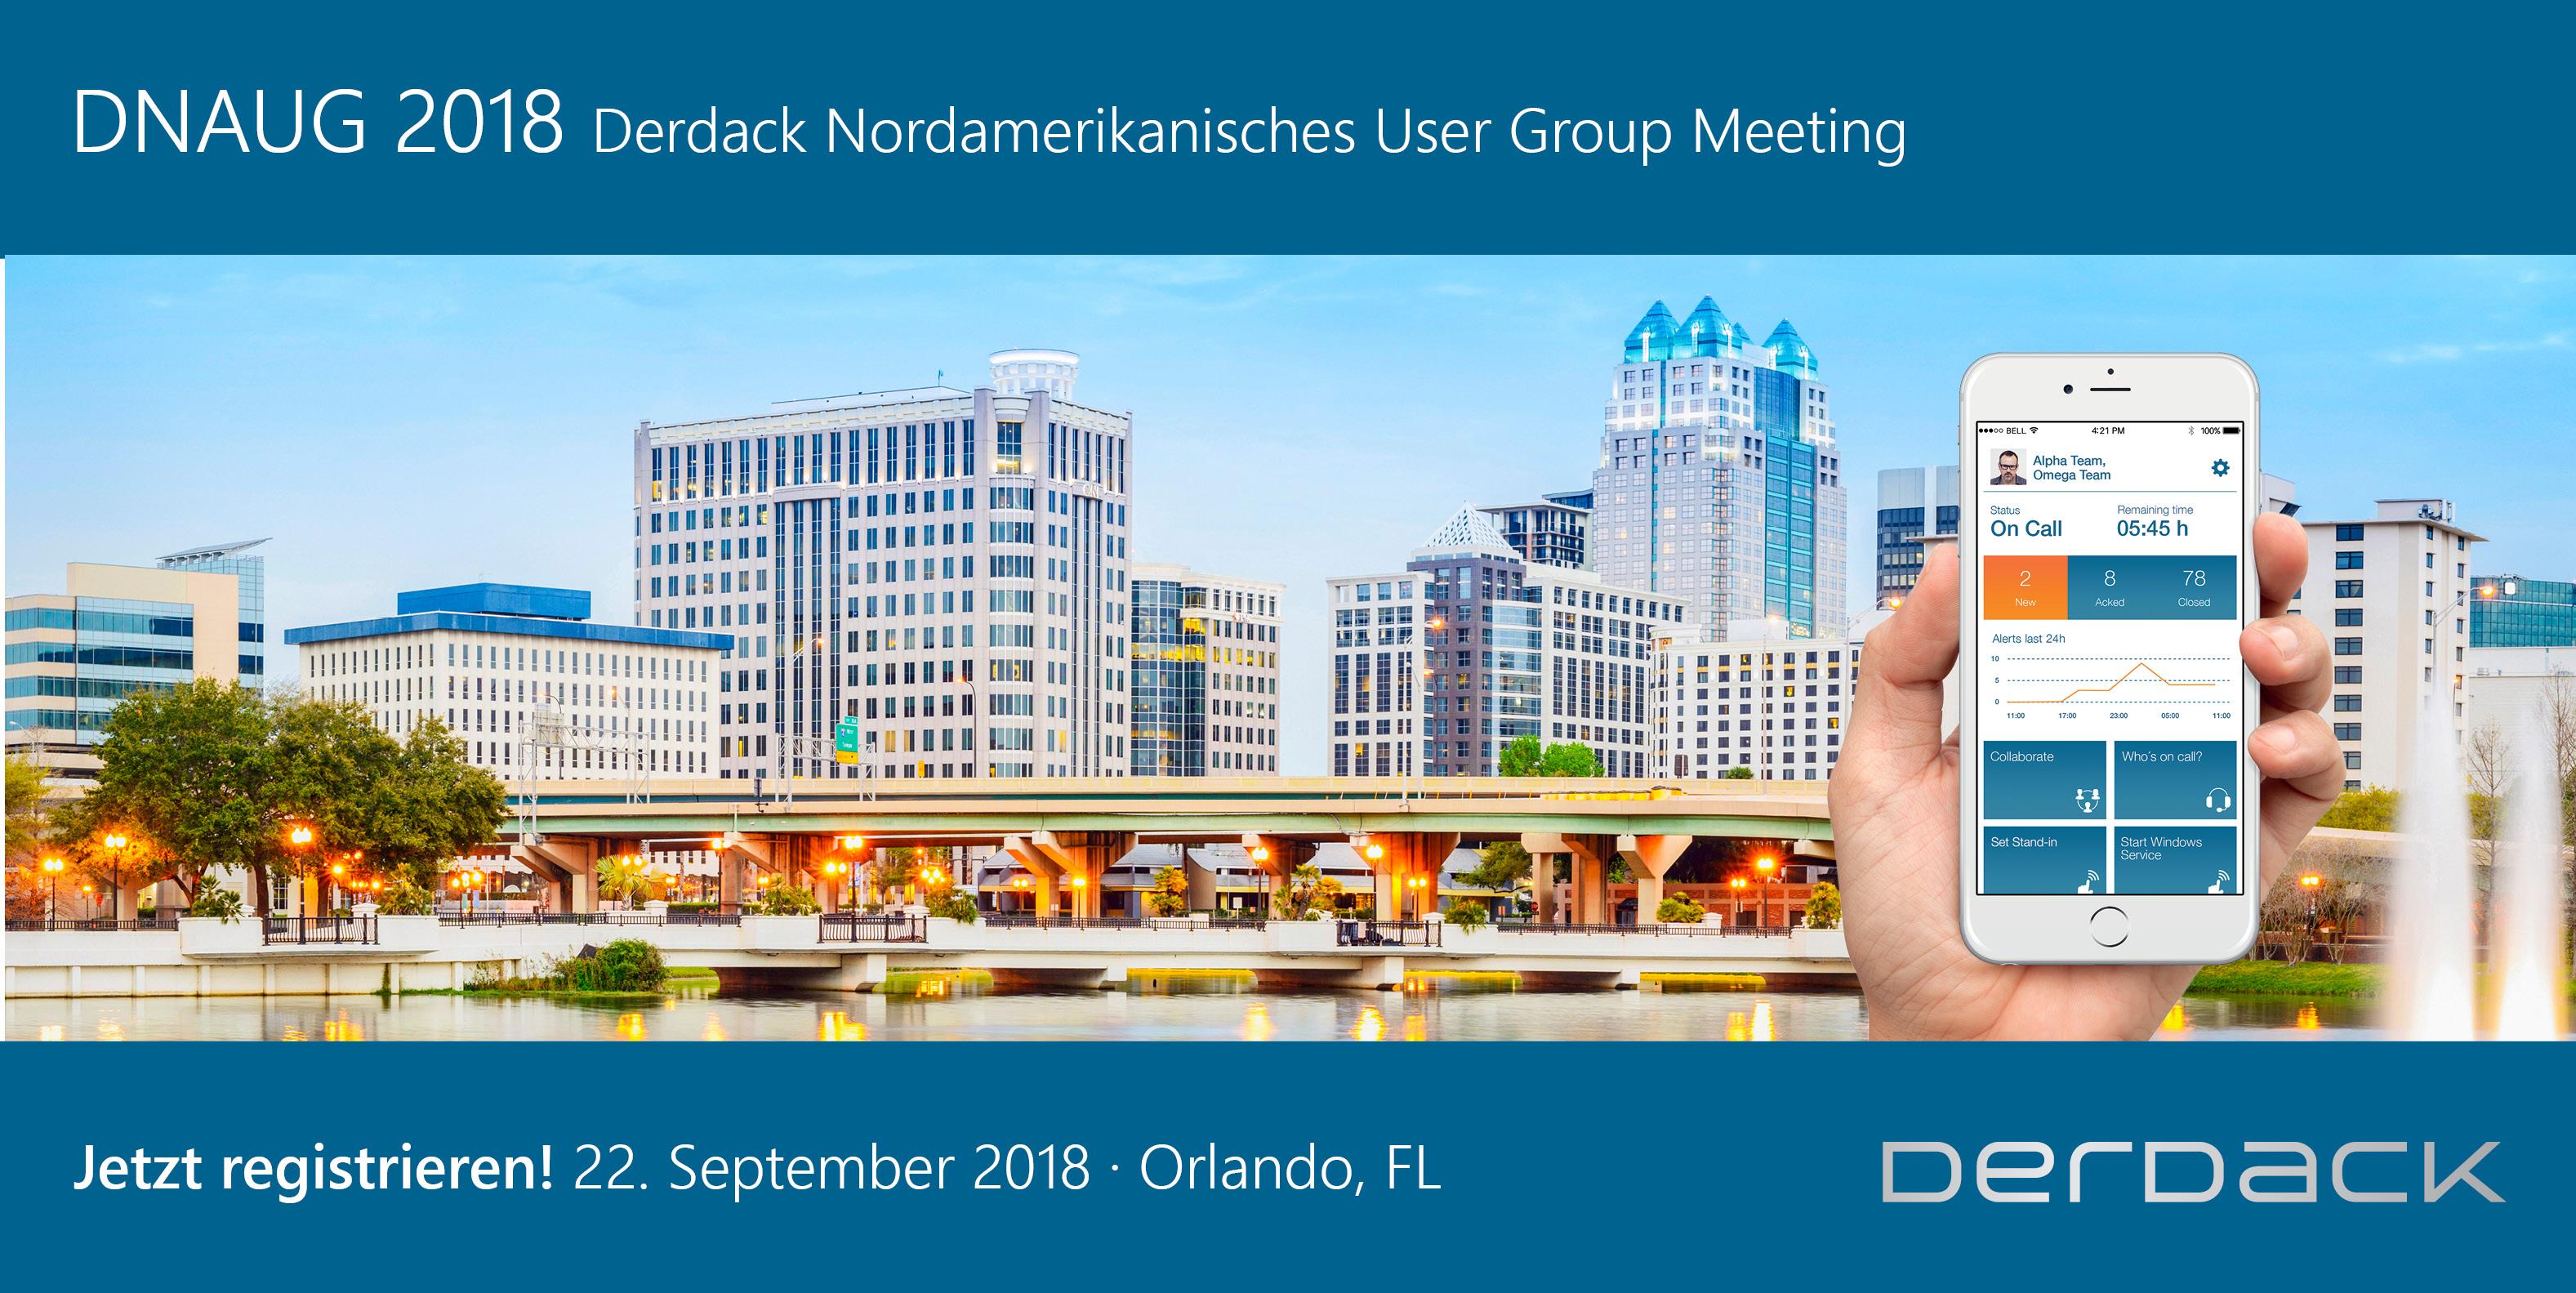 Derdack Nordamerikanisches User Group Meeting 2018 (DNAUG)